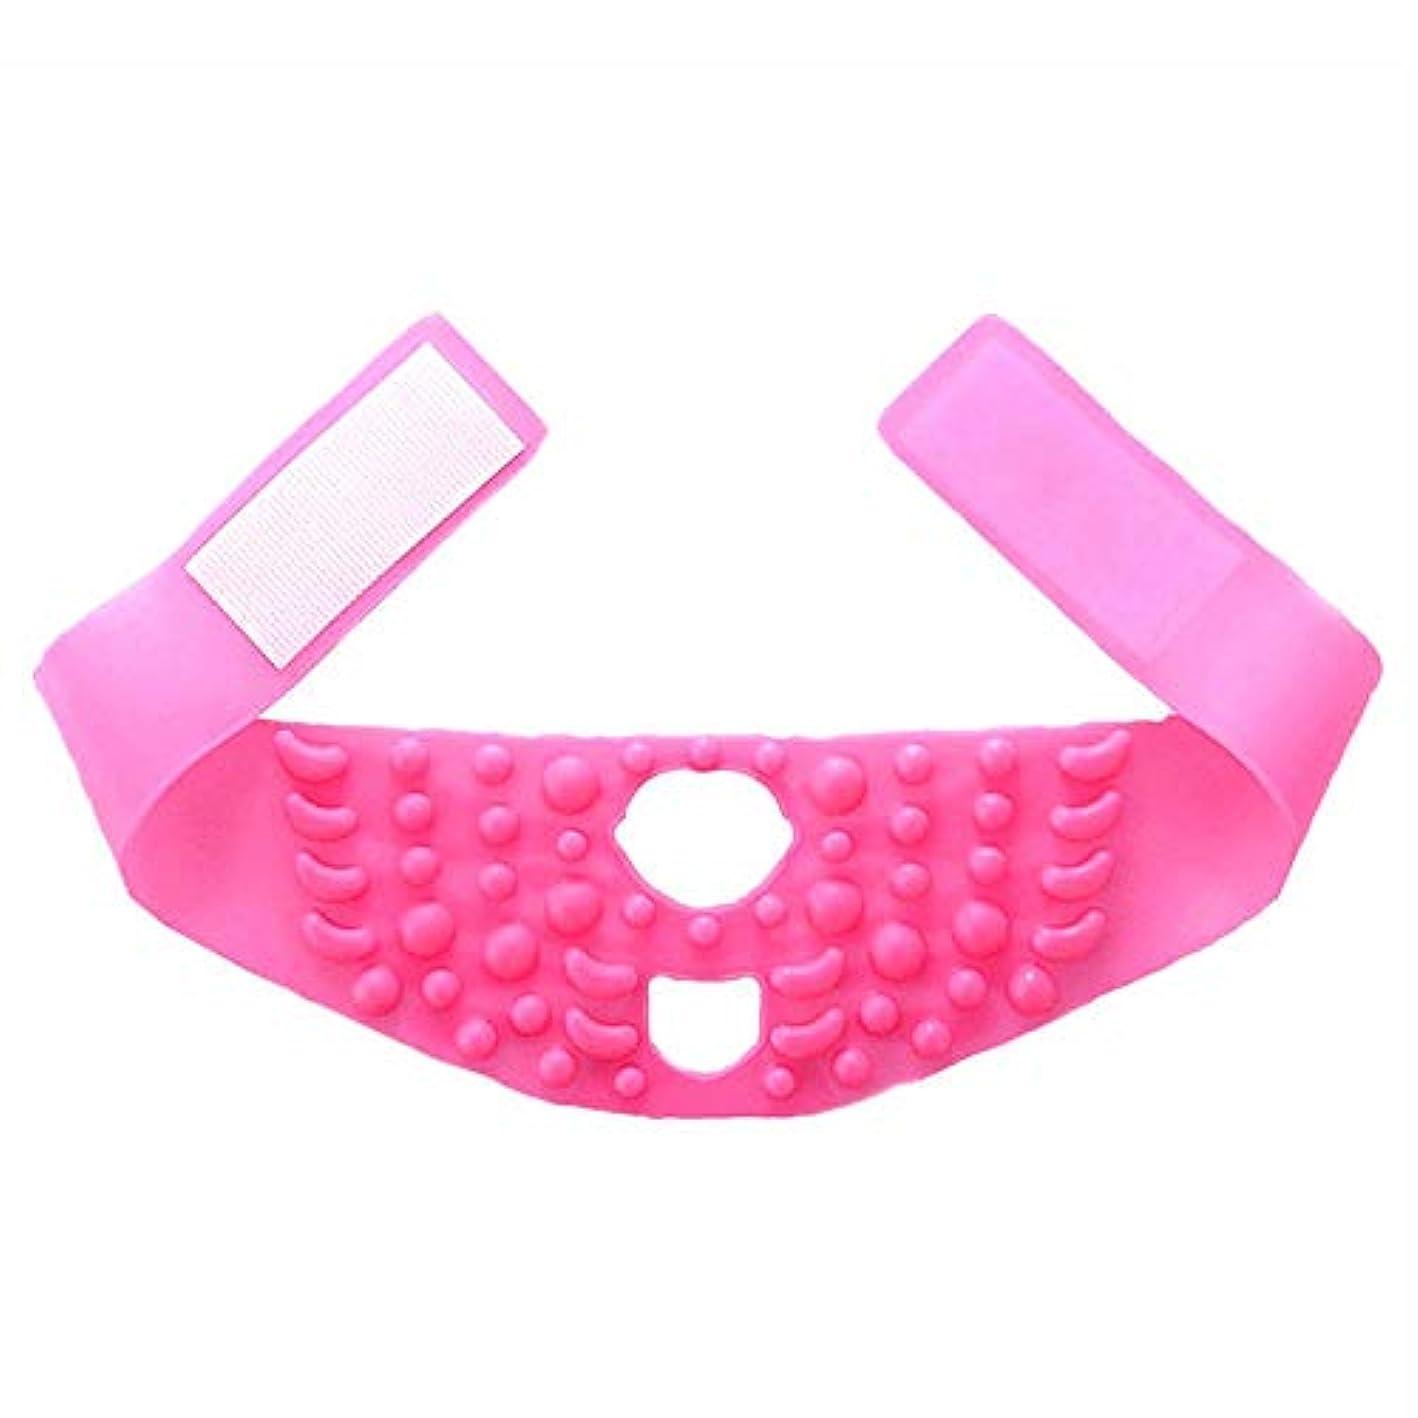 乗算シチリア学期GYZ シンフェイスマスクシリコーンマッサージ引き締まった形の小さなVフェイスリフティングに薄いフェイスアーティファクト包帯を飾る - ピンク Thin Face Belt